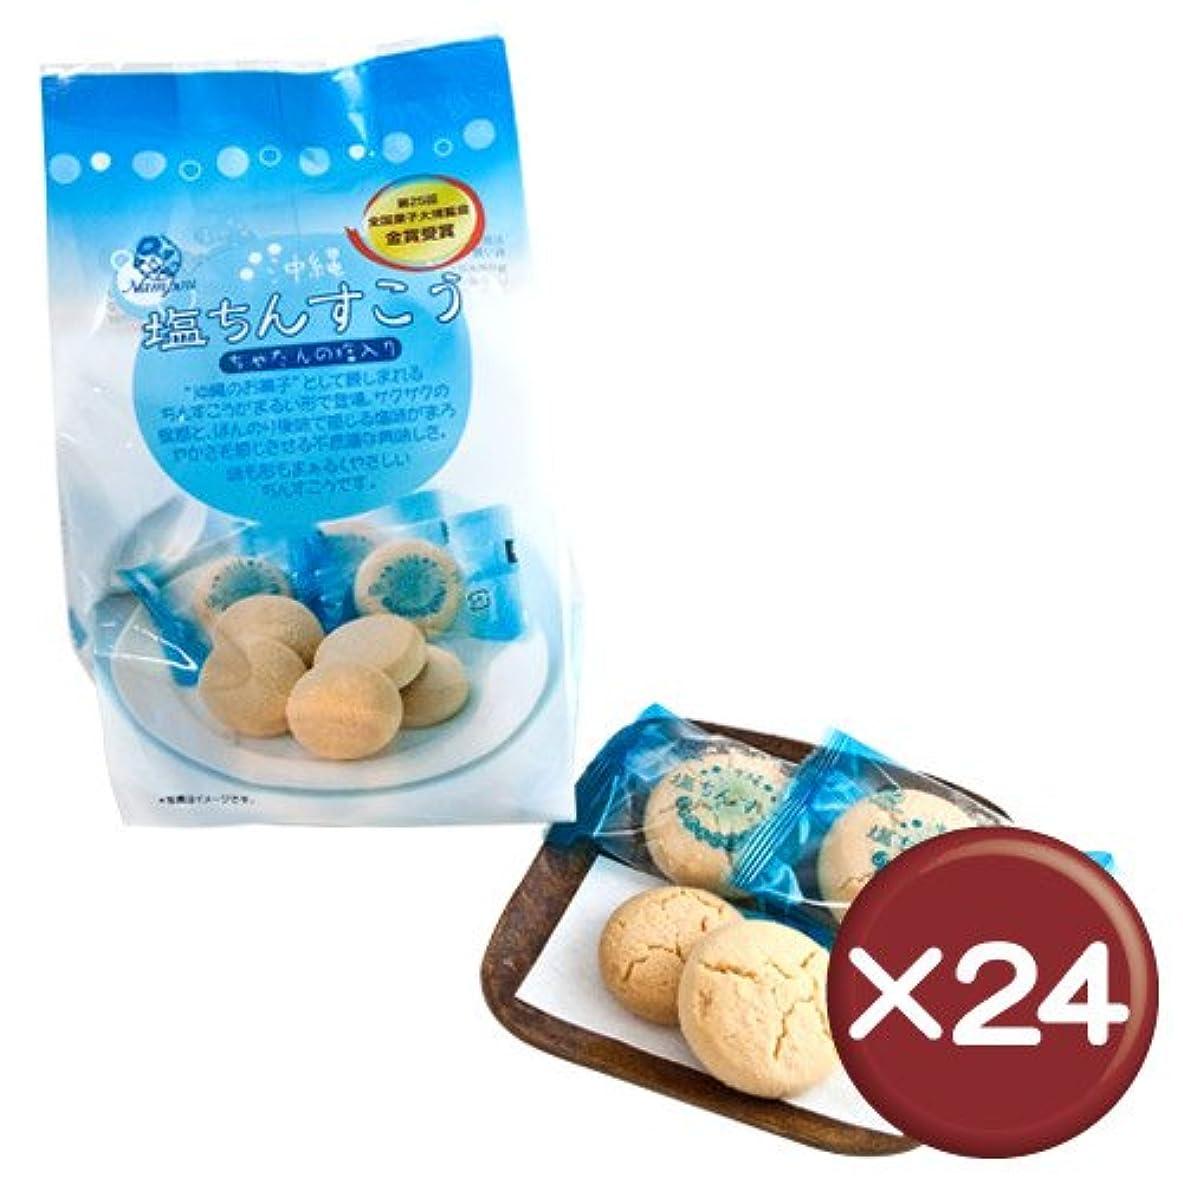 冷凍庫交渉するライム北谷の塩ちんすこう(15袋入り) 24個セット